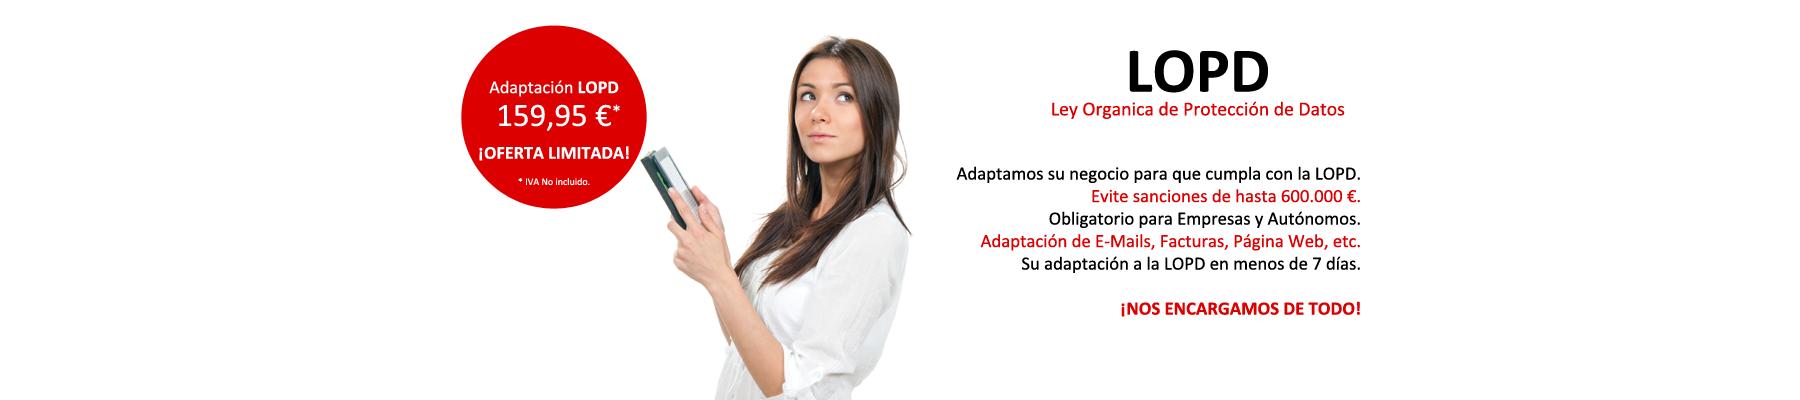 Slide_Adaptación_LOPD